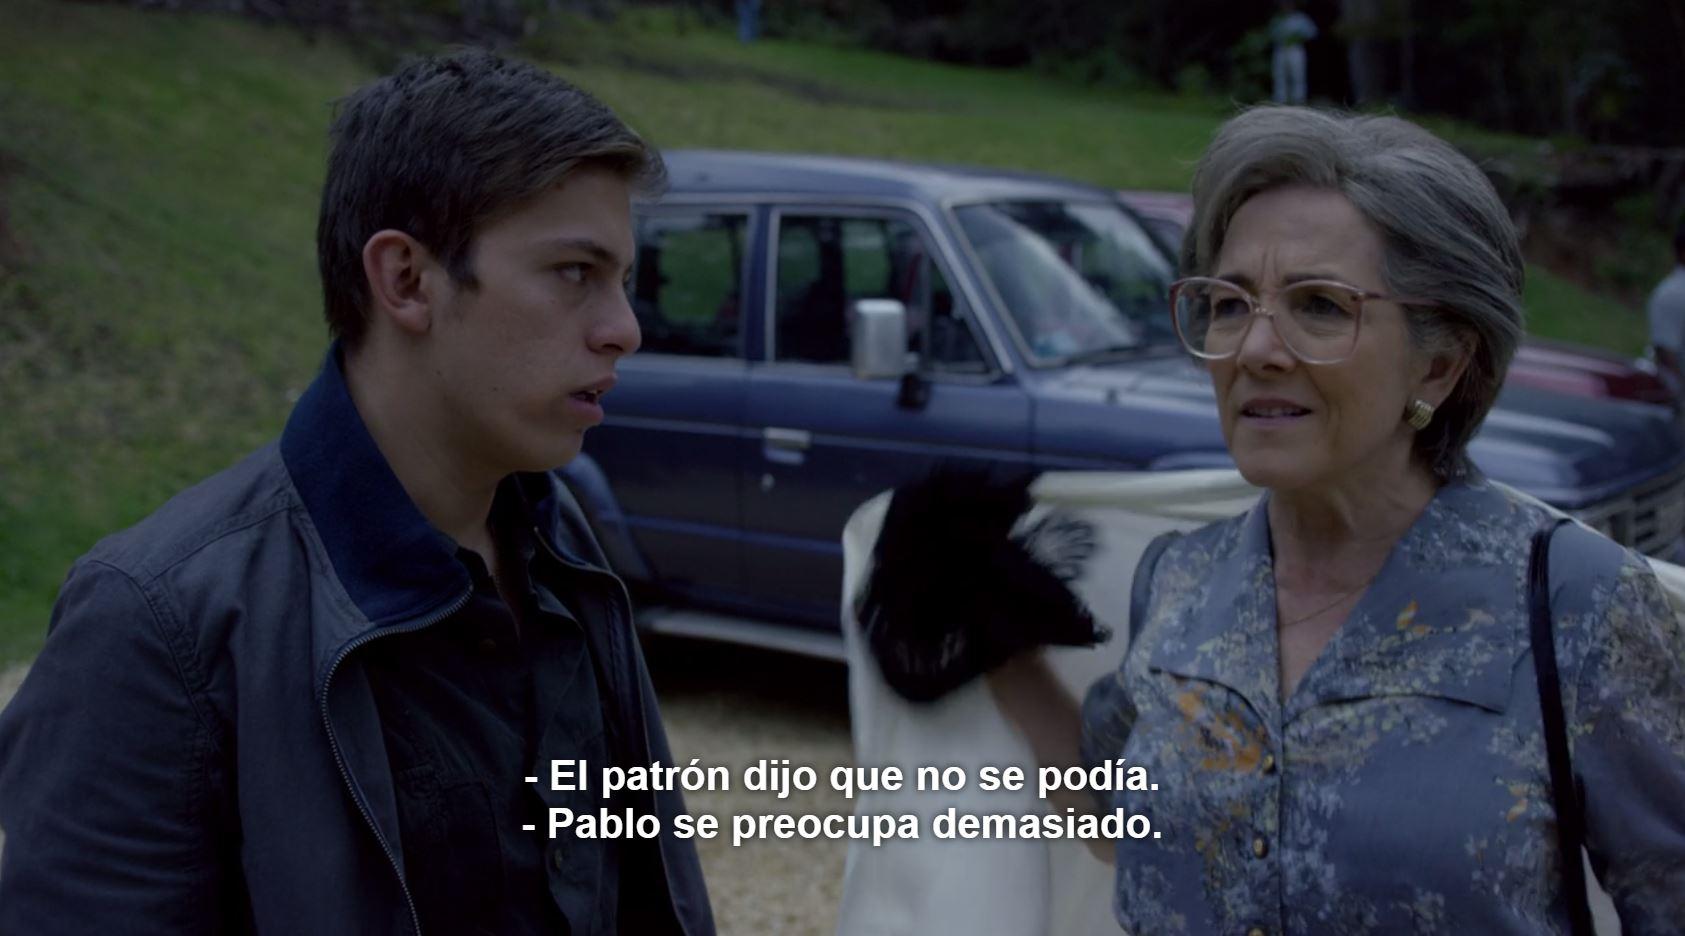 Según Juan Pablo Escobar, su abuela fue parte de un complot contra el capo del Cartel de Medellín